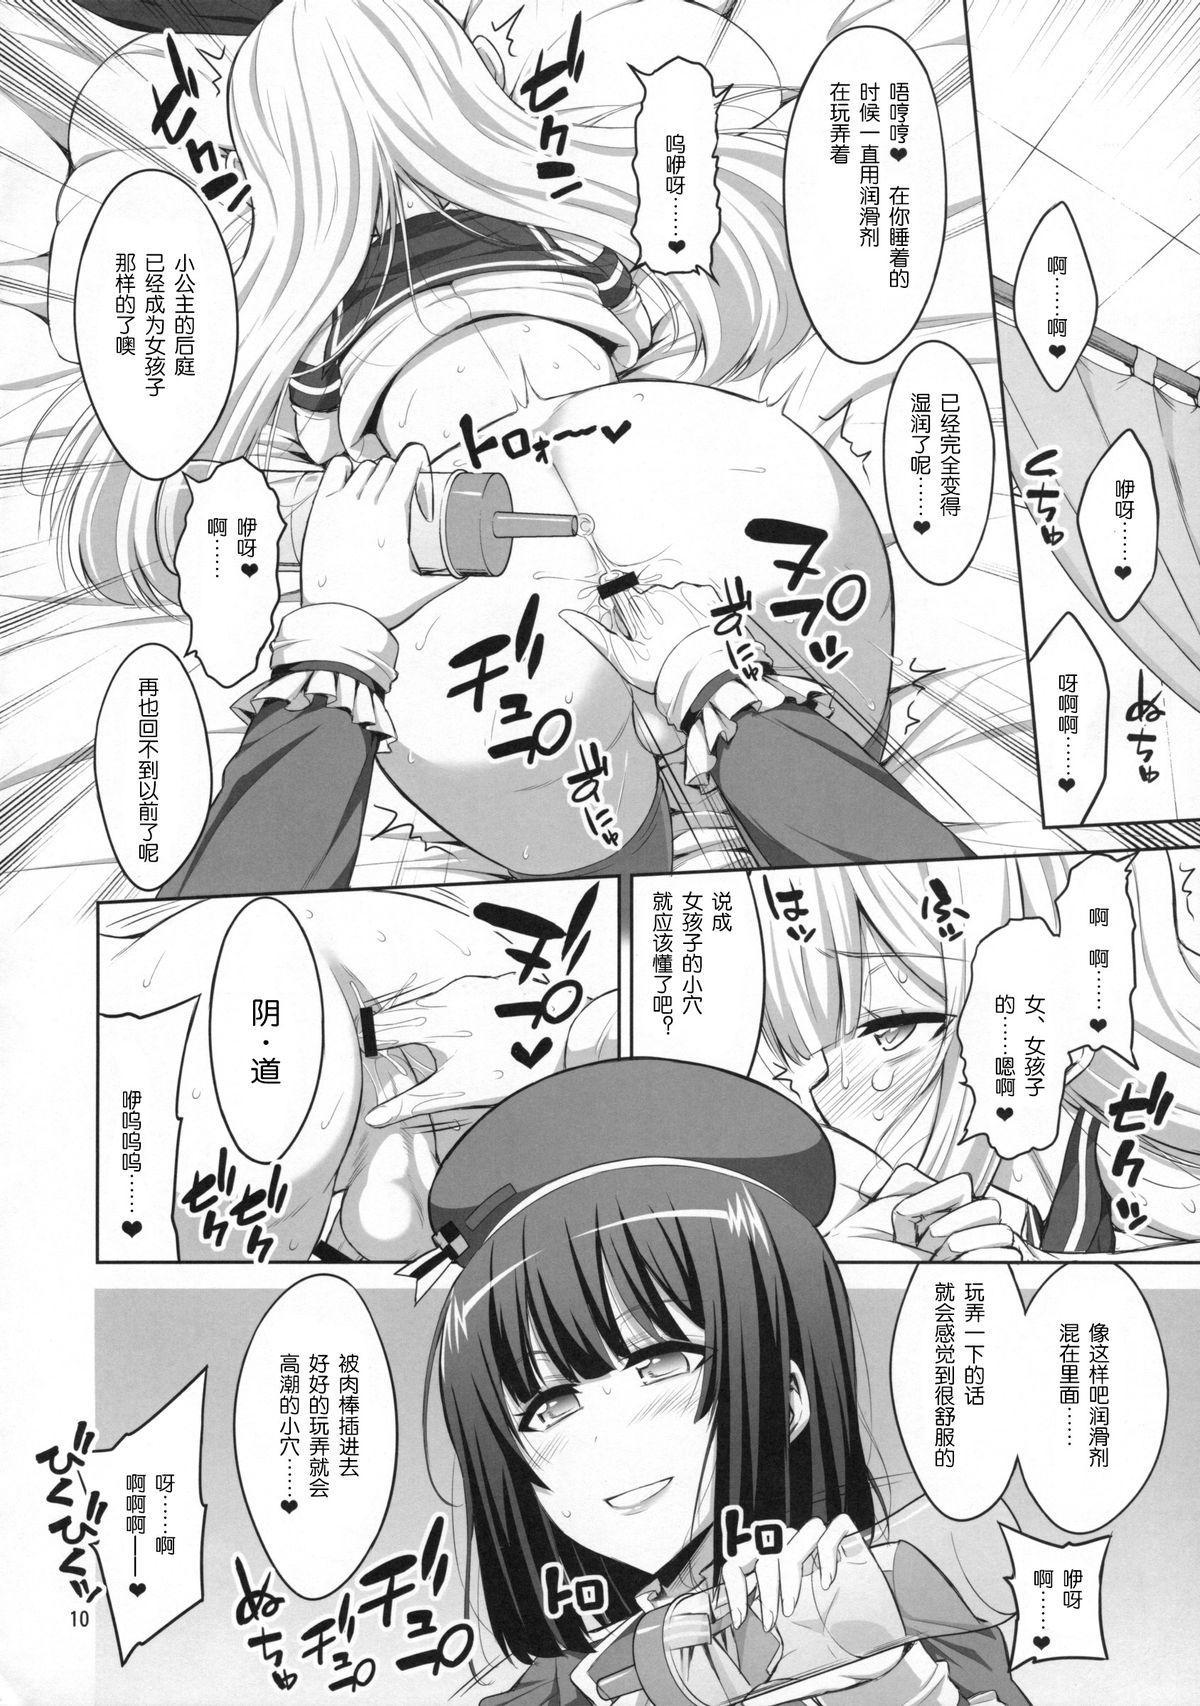 Futanari Onee-san x Otokonoko Cosplayer ♥ Mesu Ochi Choukyou 8